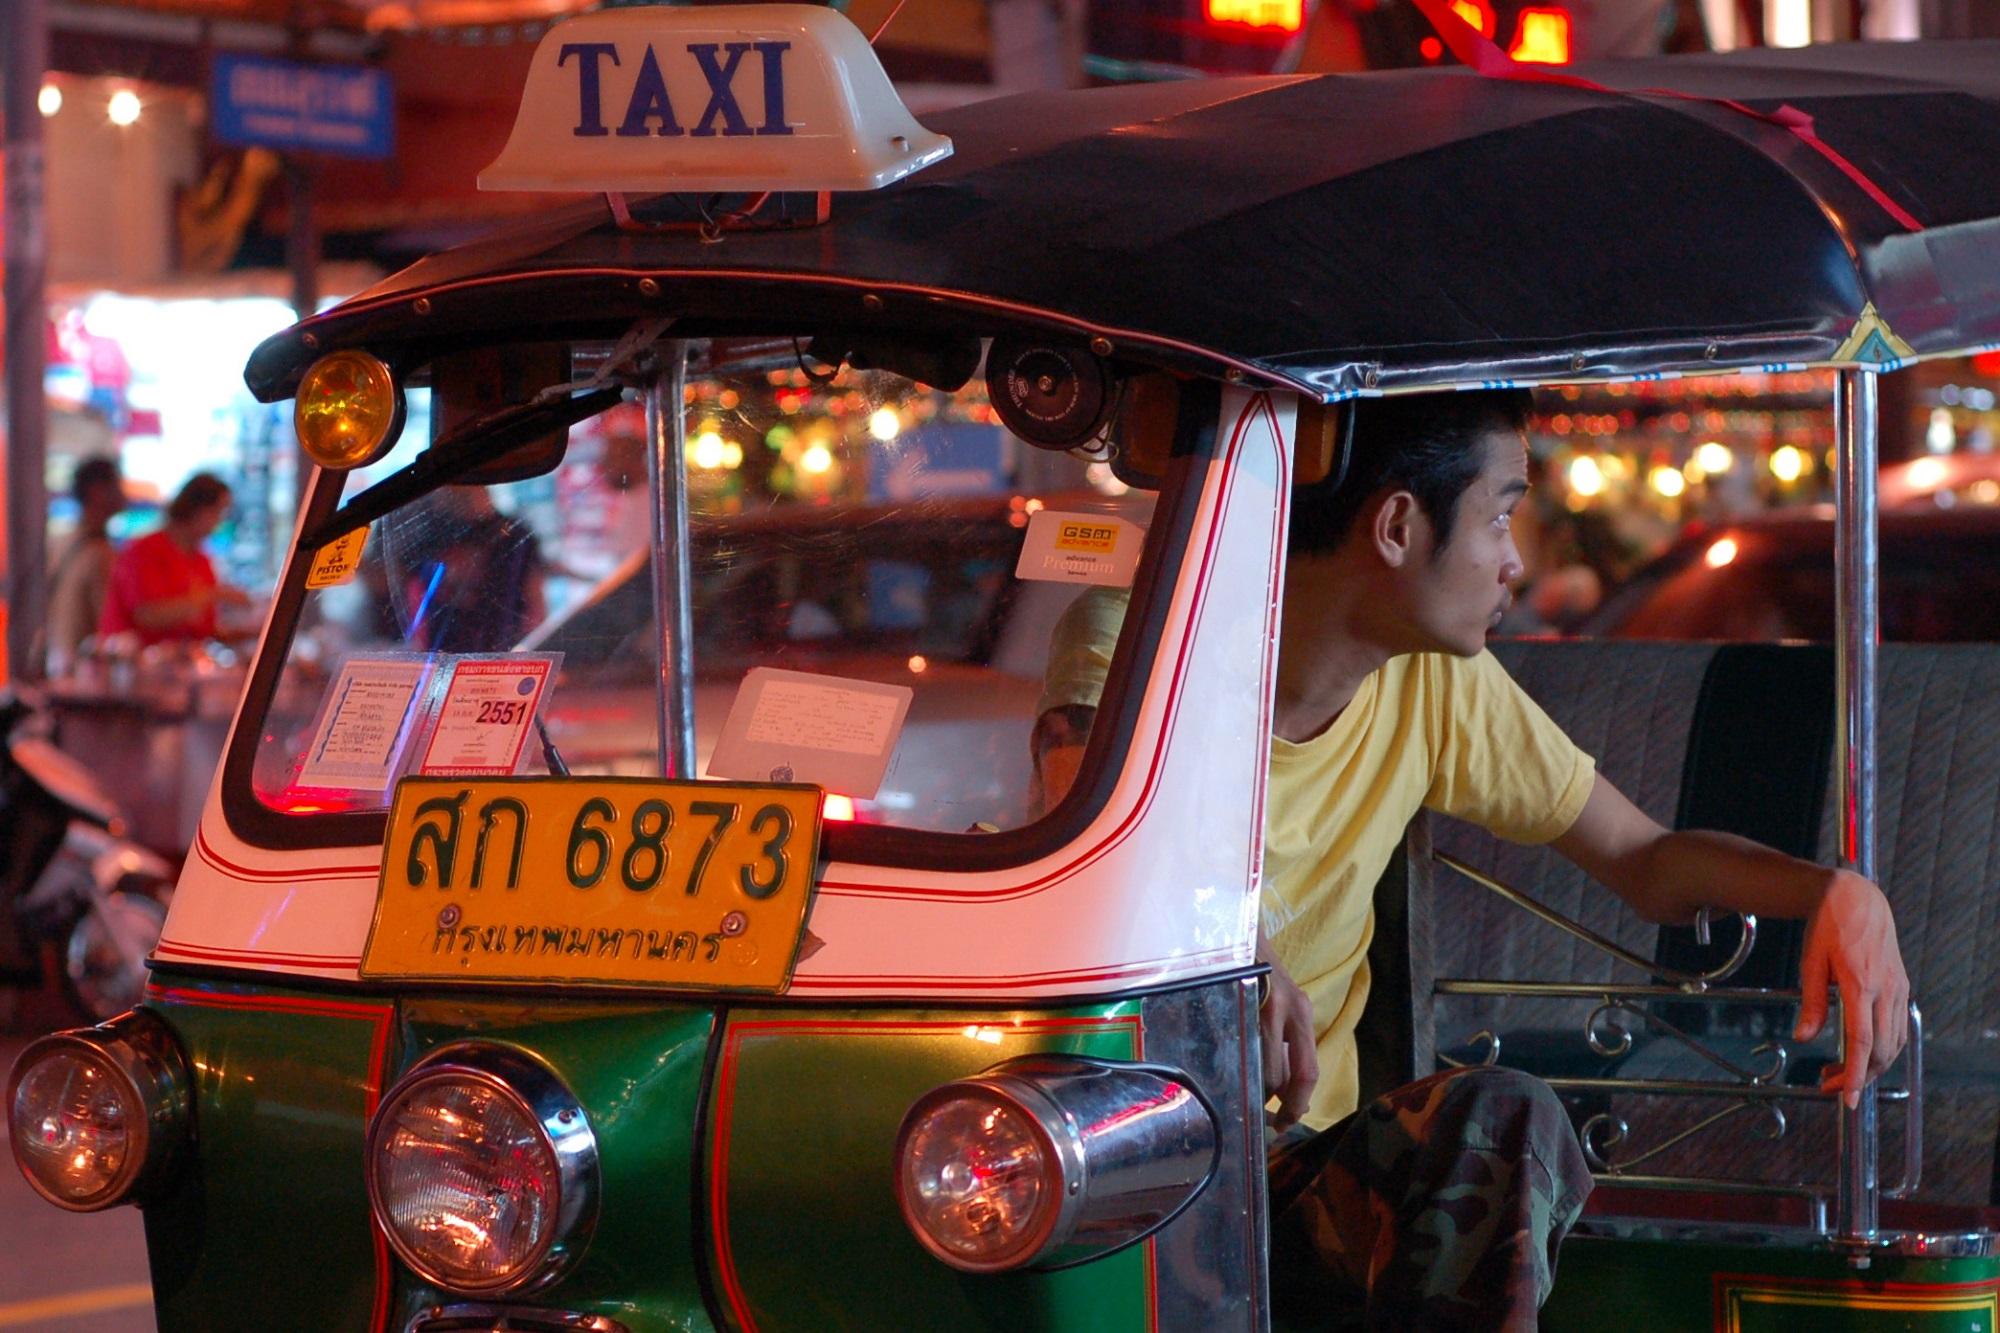 Kuvan tuktuk ja kuljettaja eivät liity ainakaan tähän tapaukseen. Kuva: Flickr/launceston_lad